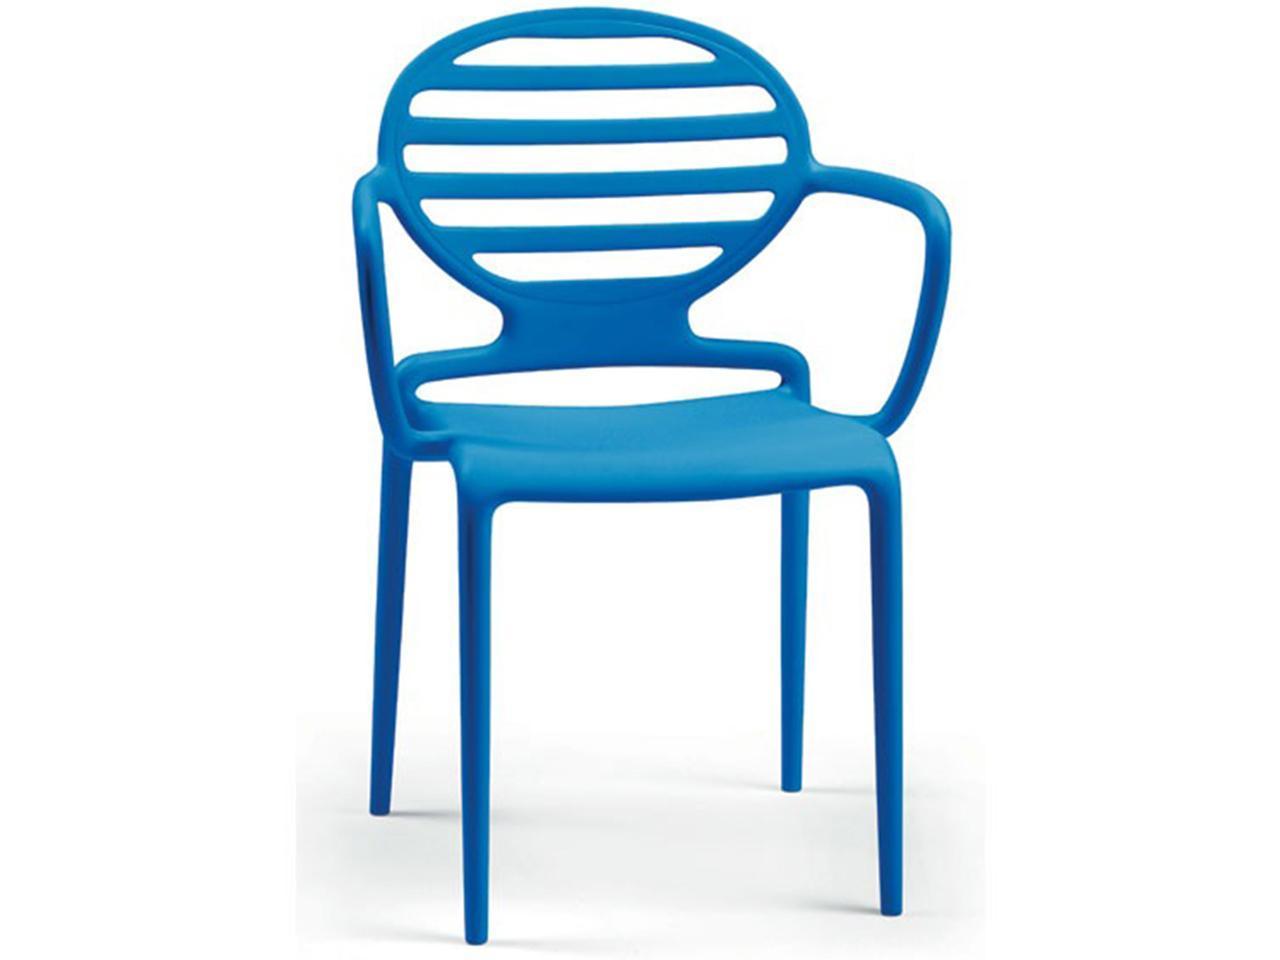 Кресло пластиковое Cokka with armrests